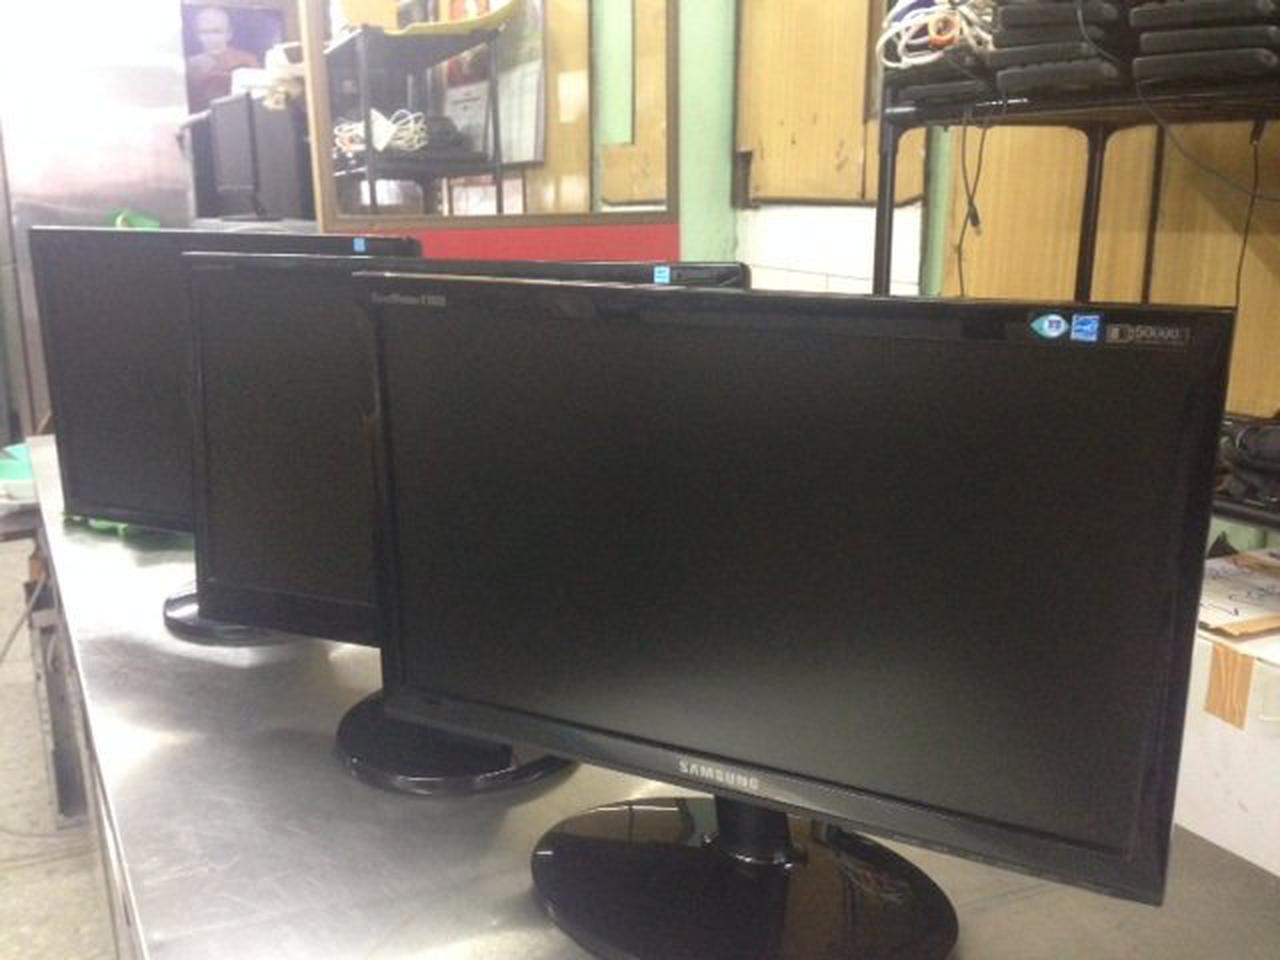 จอ SAMSUNG LCD 19 นิ้ว รูปที่ 2